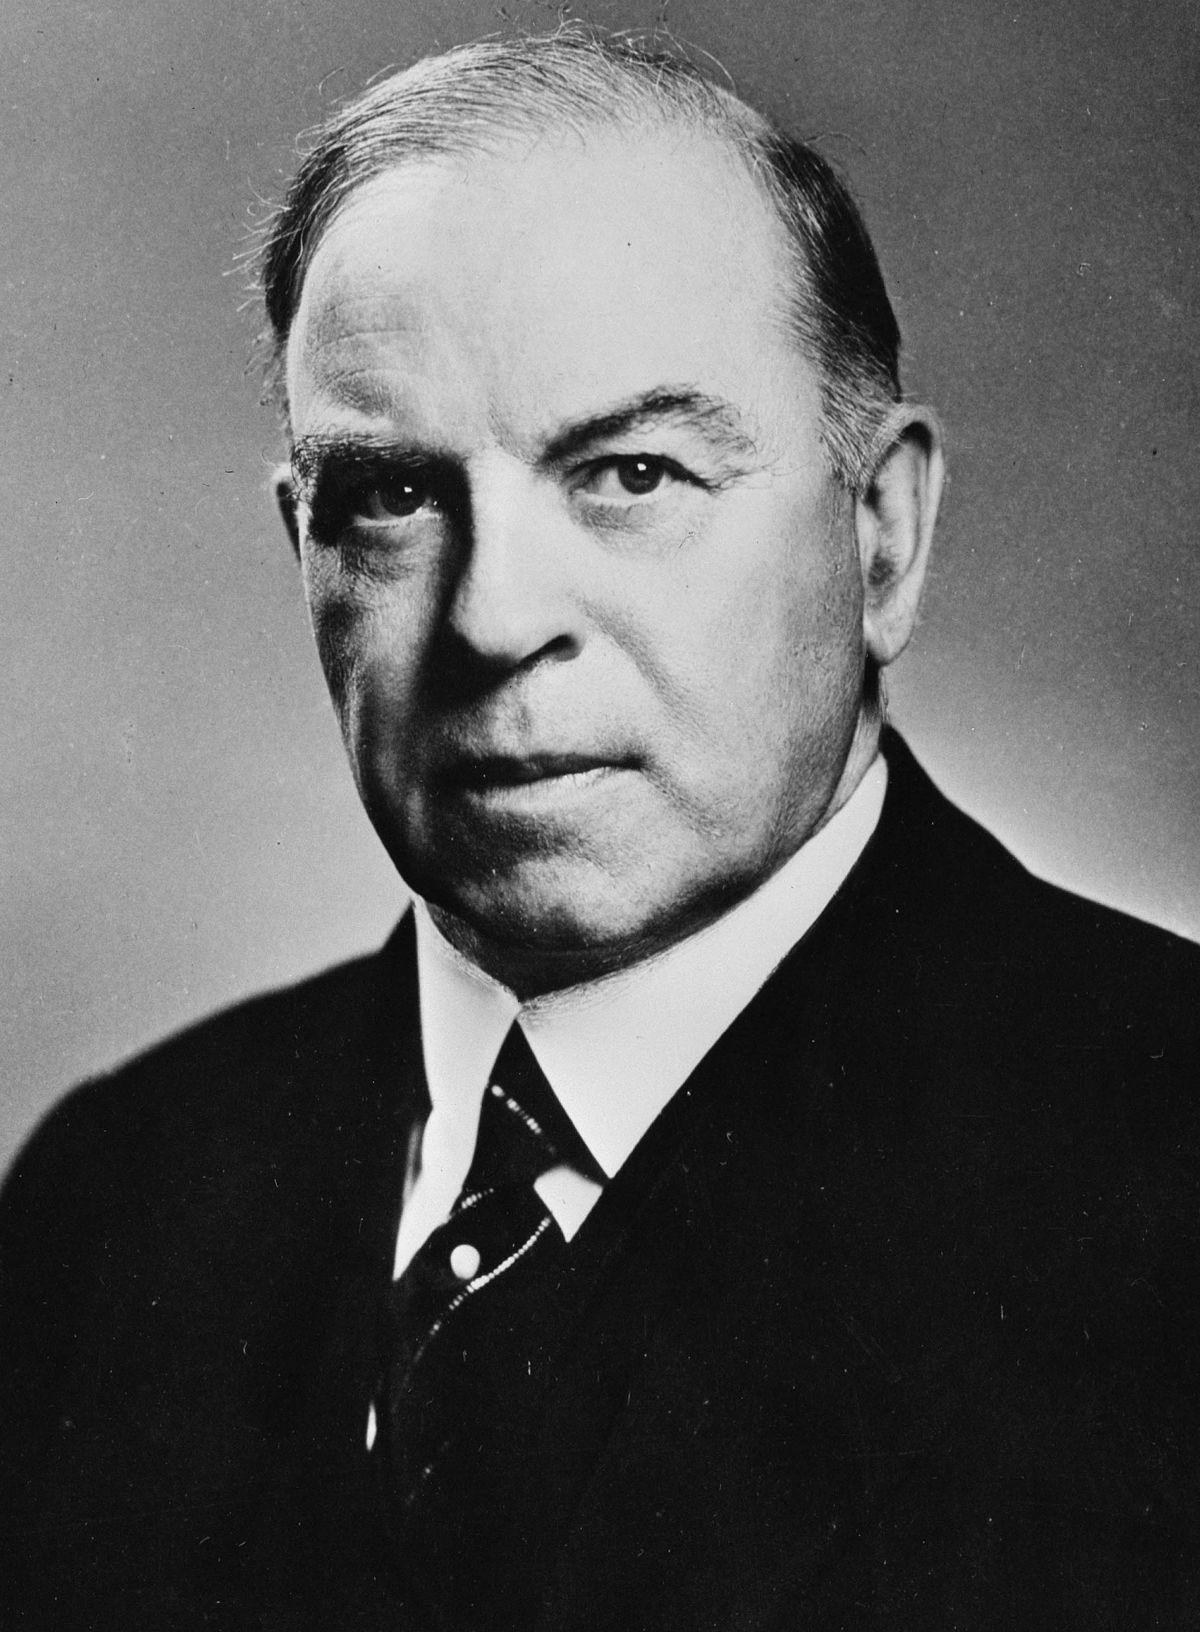 William Lyon Mackenzie King est considéré comme le meilleur premier ministre que la Canada ait connu